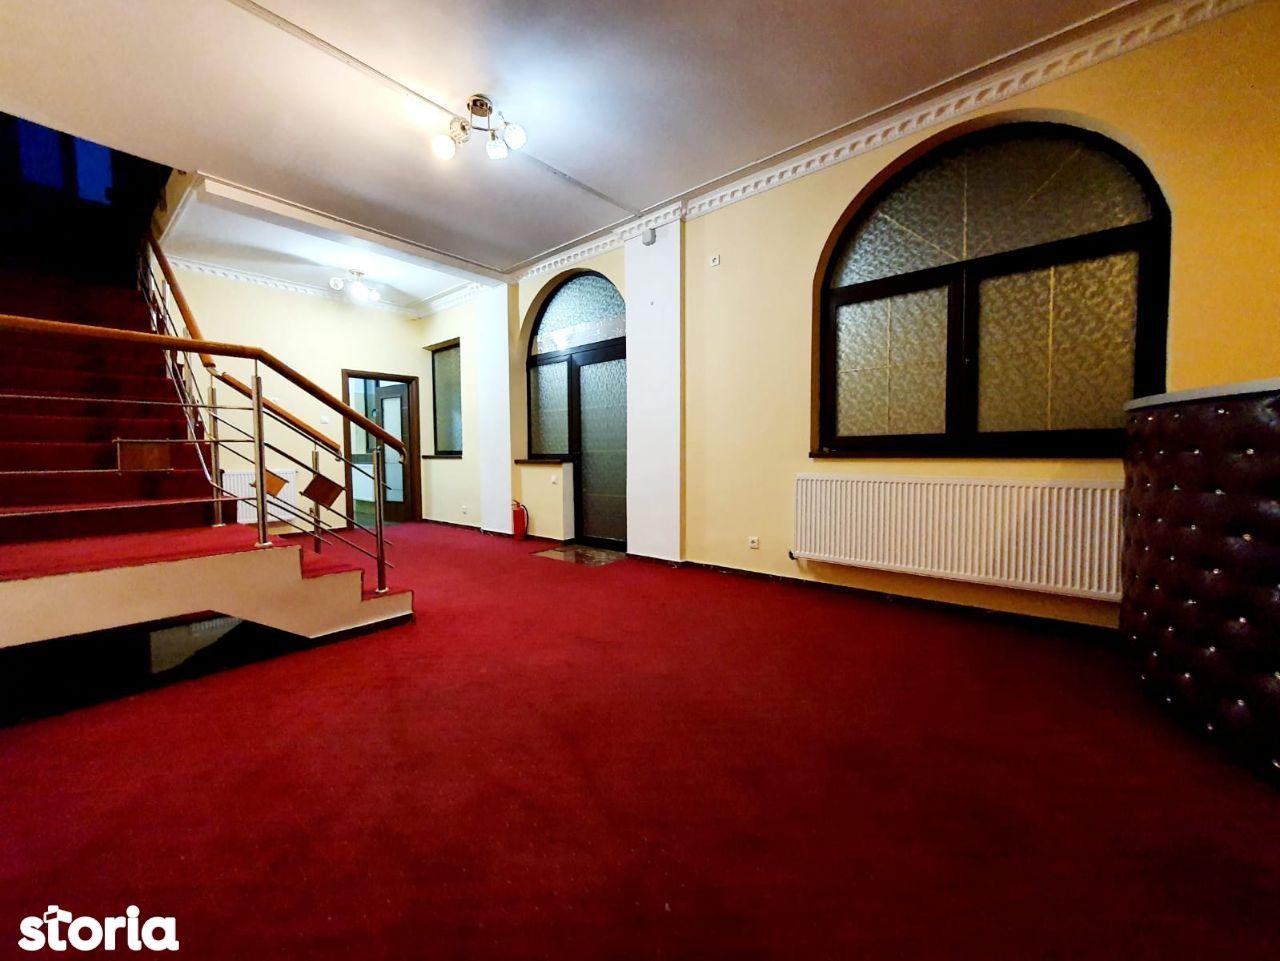 Inchiriere Vila | Vitan Mall - Dristor | 7 Camere P+2+Curte+2 Balcone